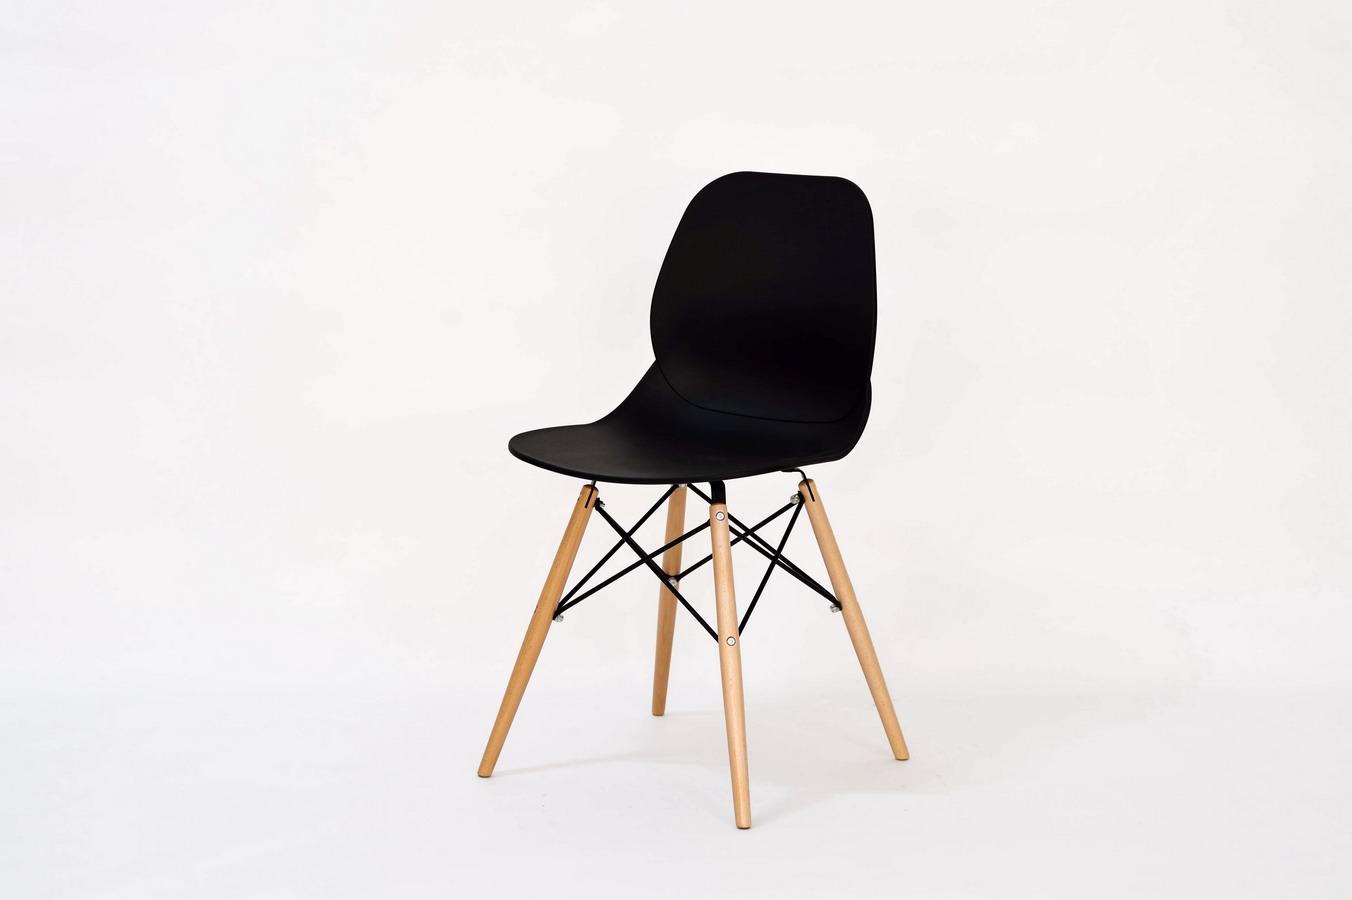 Стул PW-025 черныйОбеденные стулья<br>&amp;lt;div&amp;gt;Материал: Пластик, дерево&amp;lt;/div&amp;gt;&amp;lt;div&amp;gt;&amp;lt;br&amp;gt;&amp;lt;/div&amp;gt;<br><br>Material: Пластик<br>Width см: 45,5<br>Depth см: 49<br>Height см: 82,5